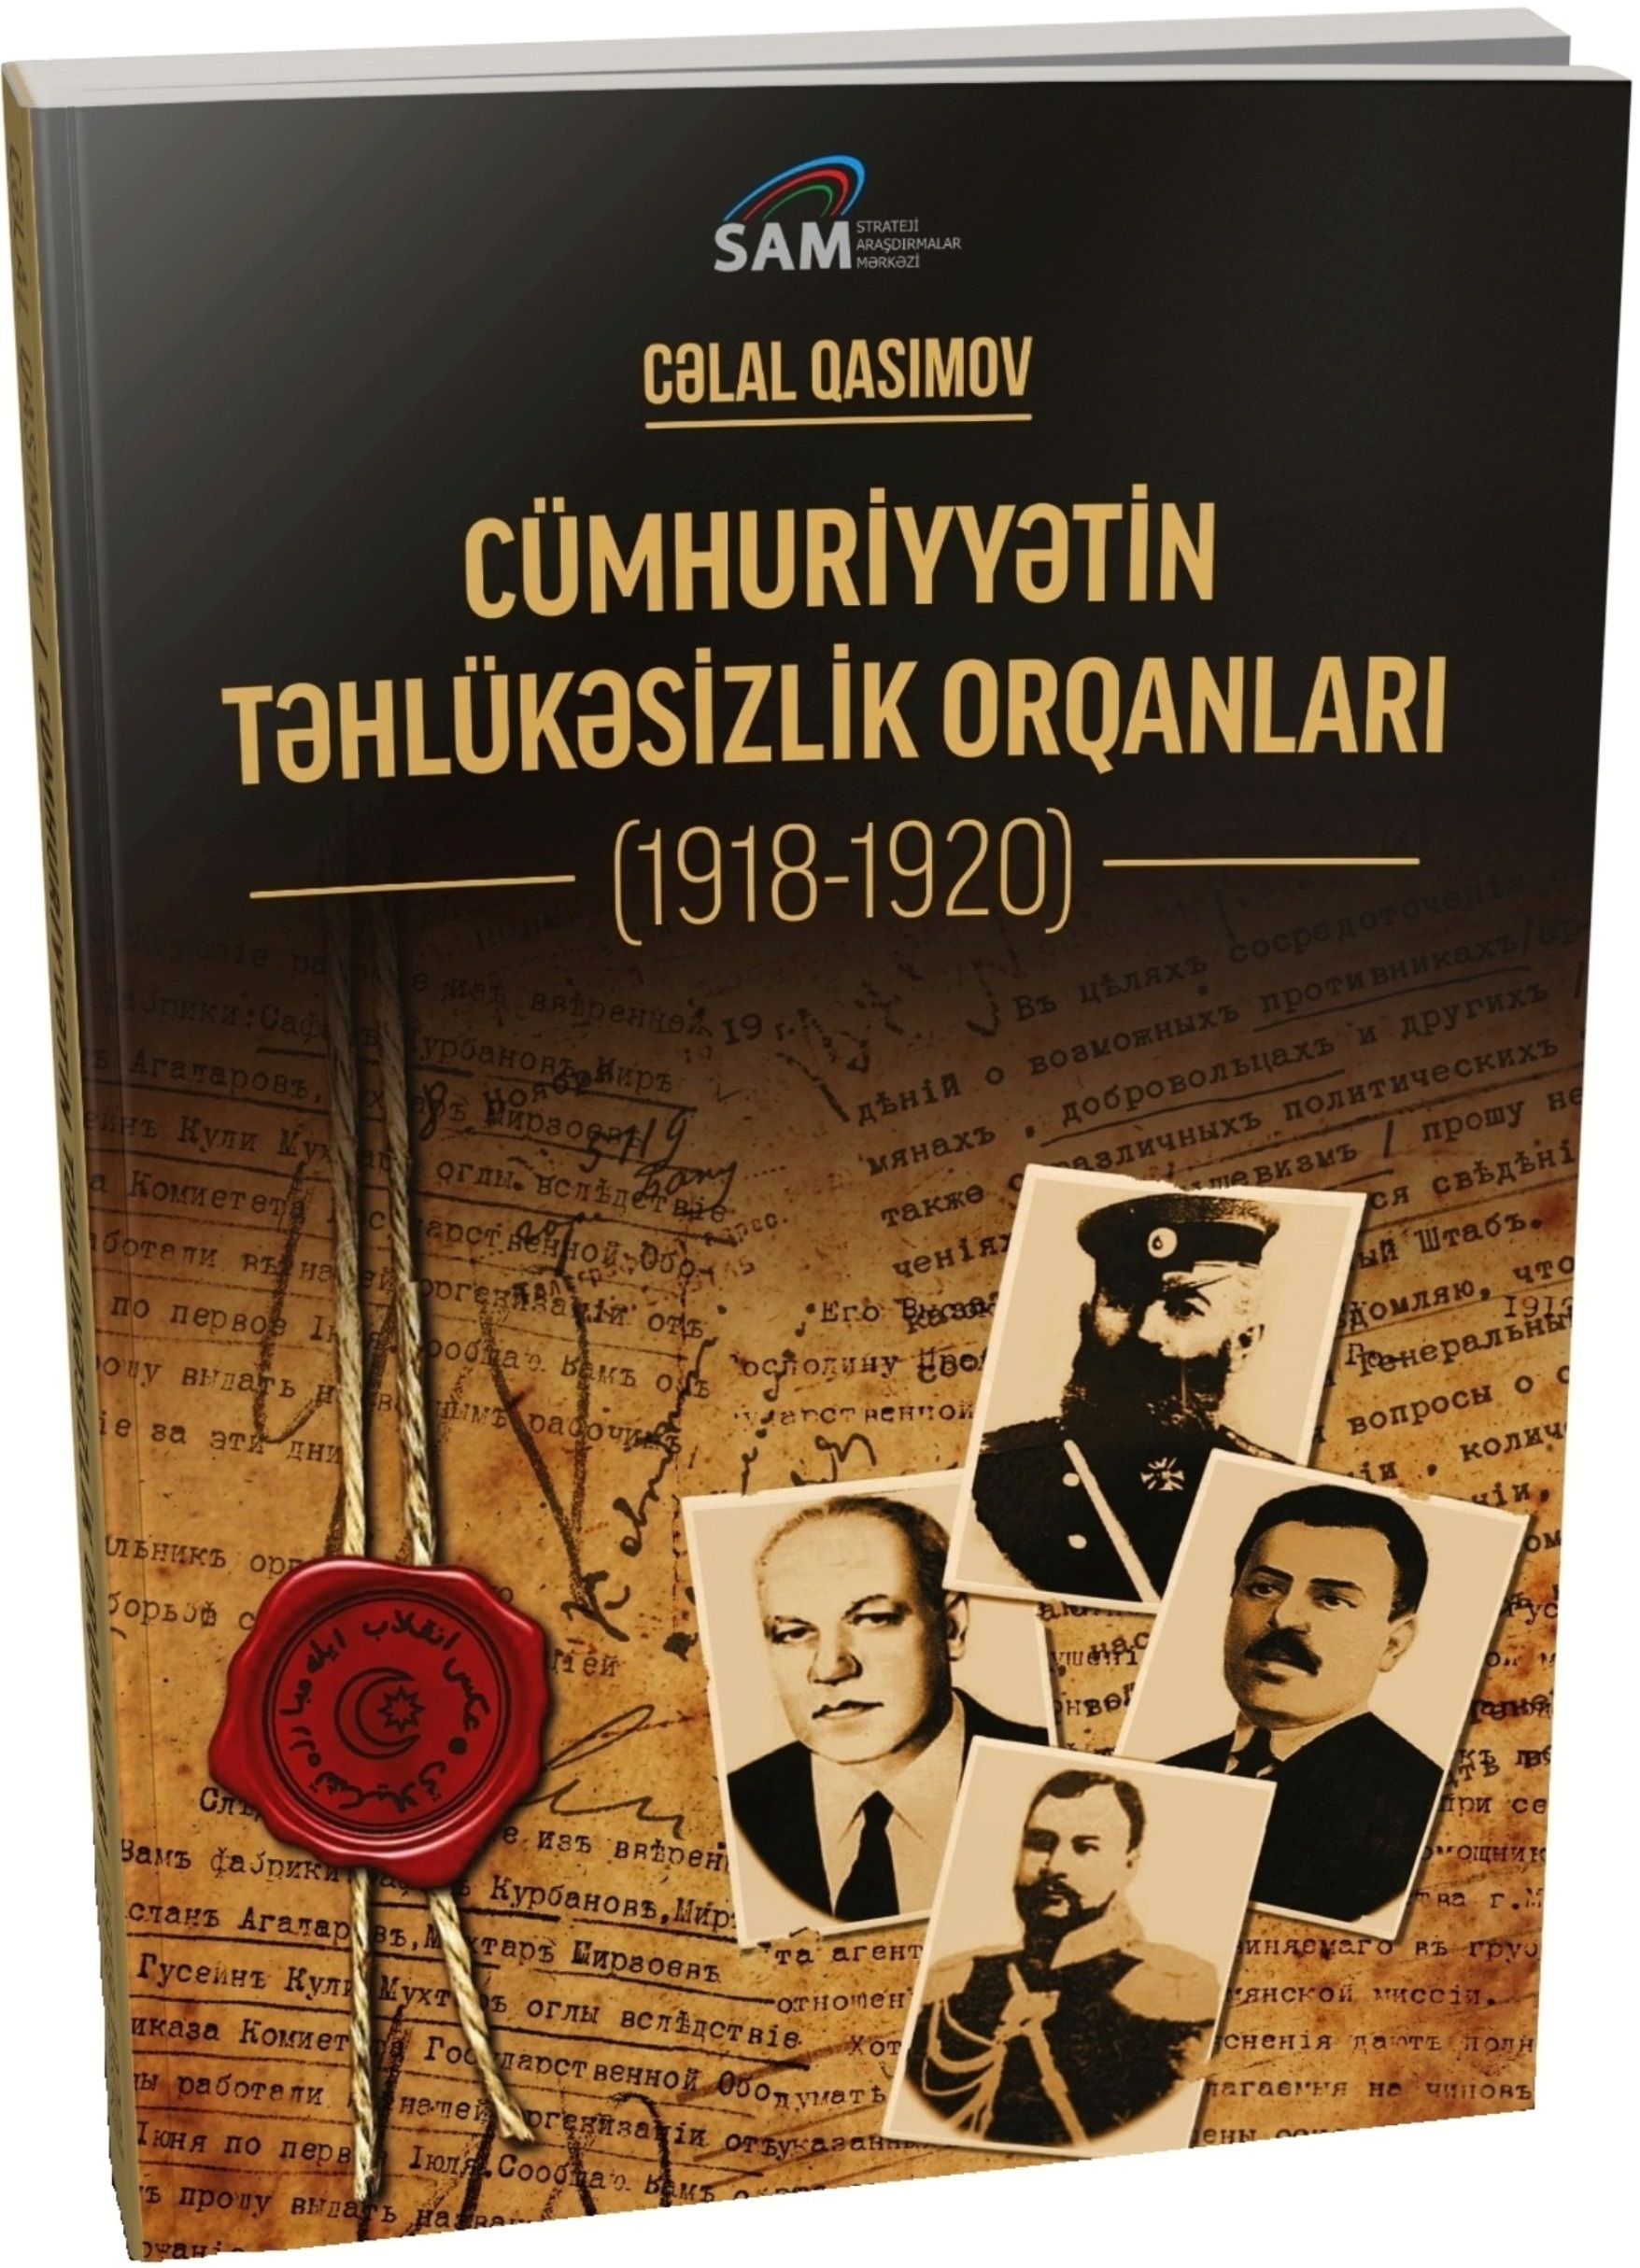 Qasimov S ə Cumhuriyyətin Təhlukəsizlik Orqanlari 1918 1920 2018 Digital Library Books Movie Posters